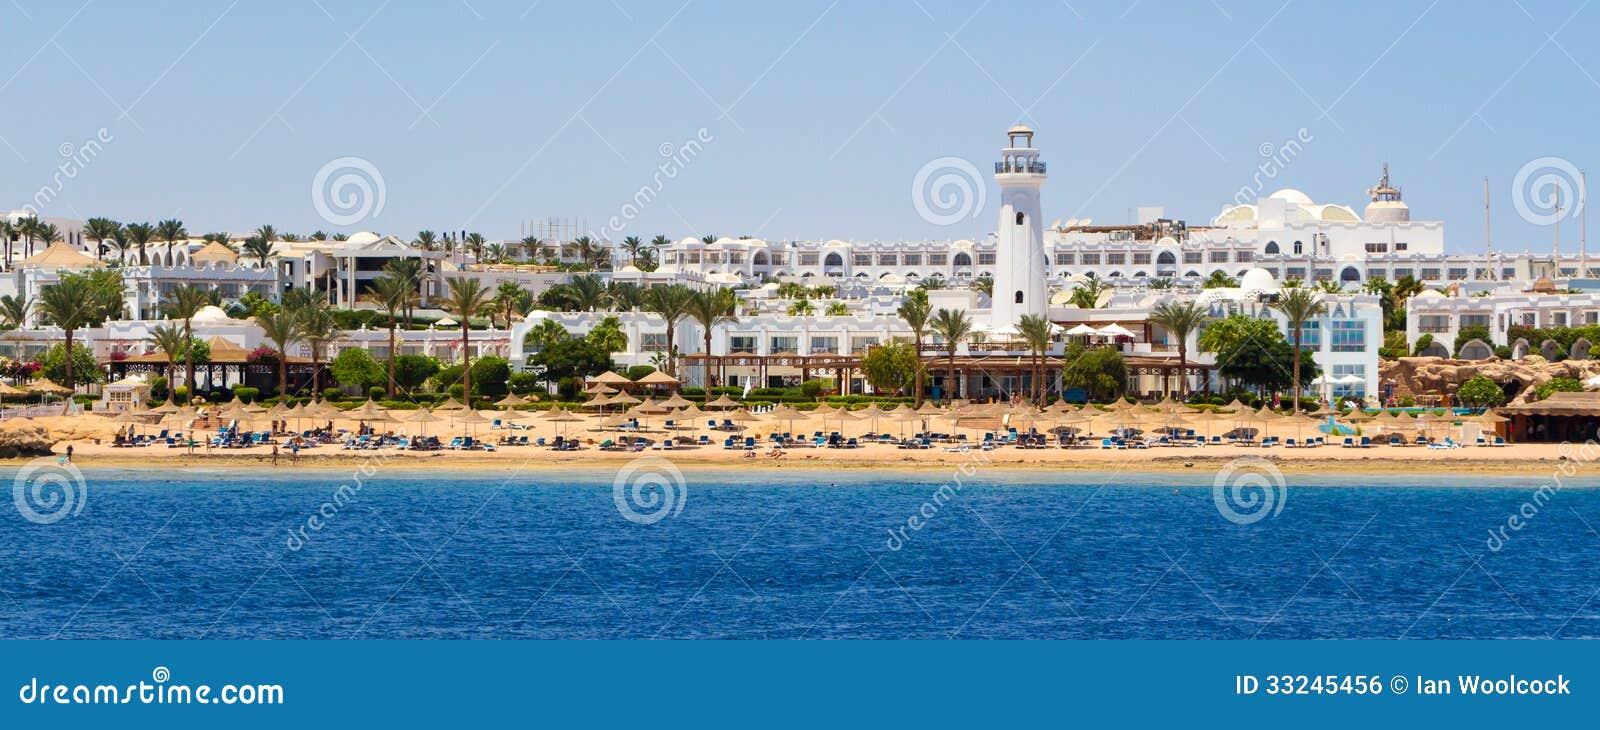 EL Sheikh Egypt de Sharm